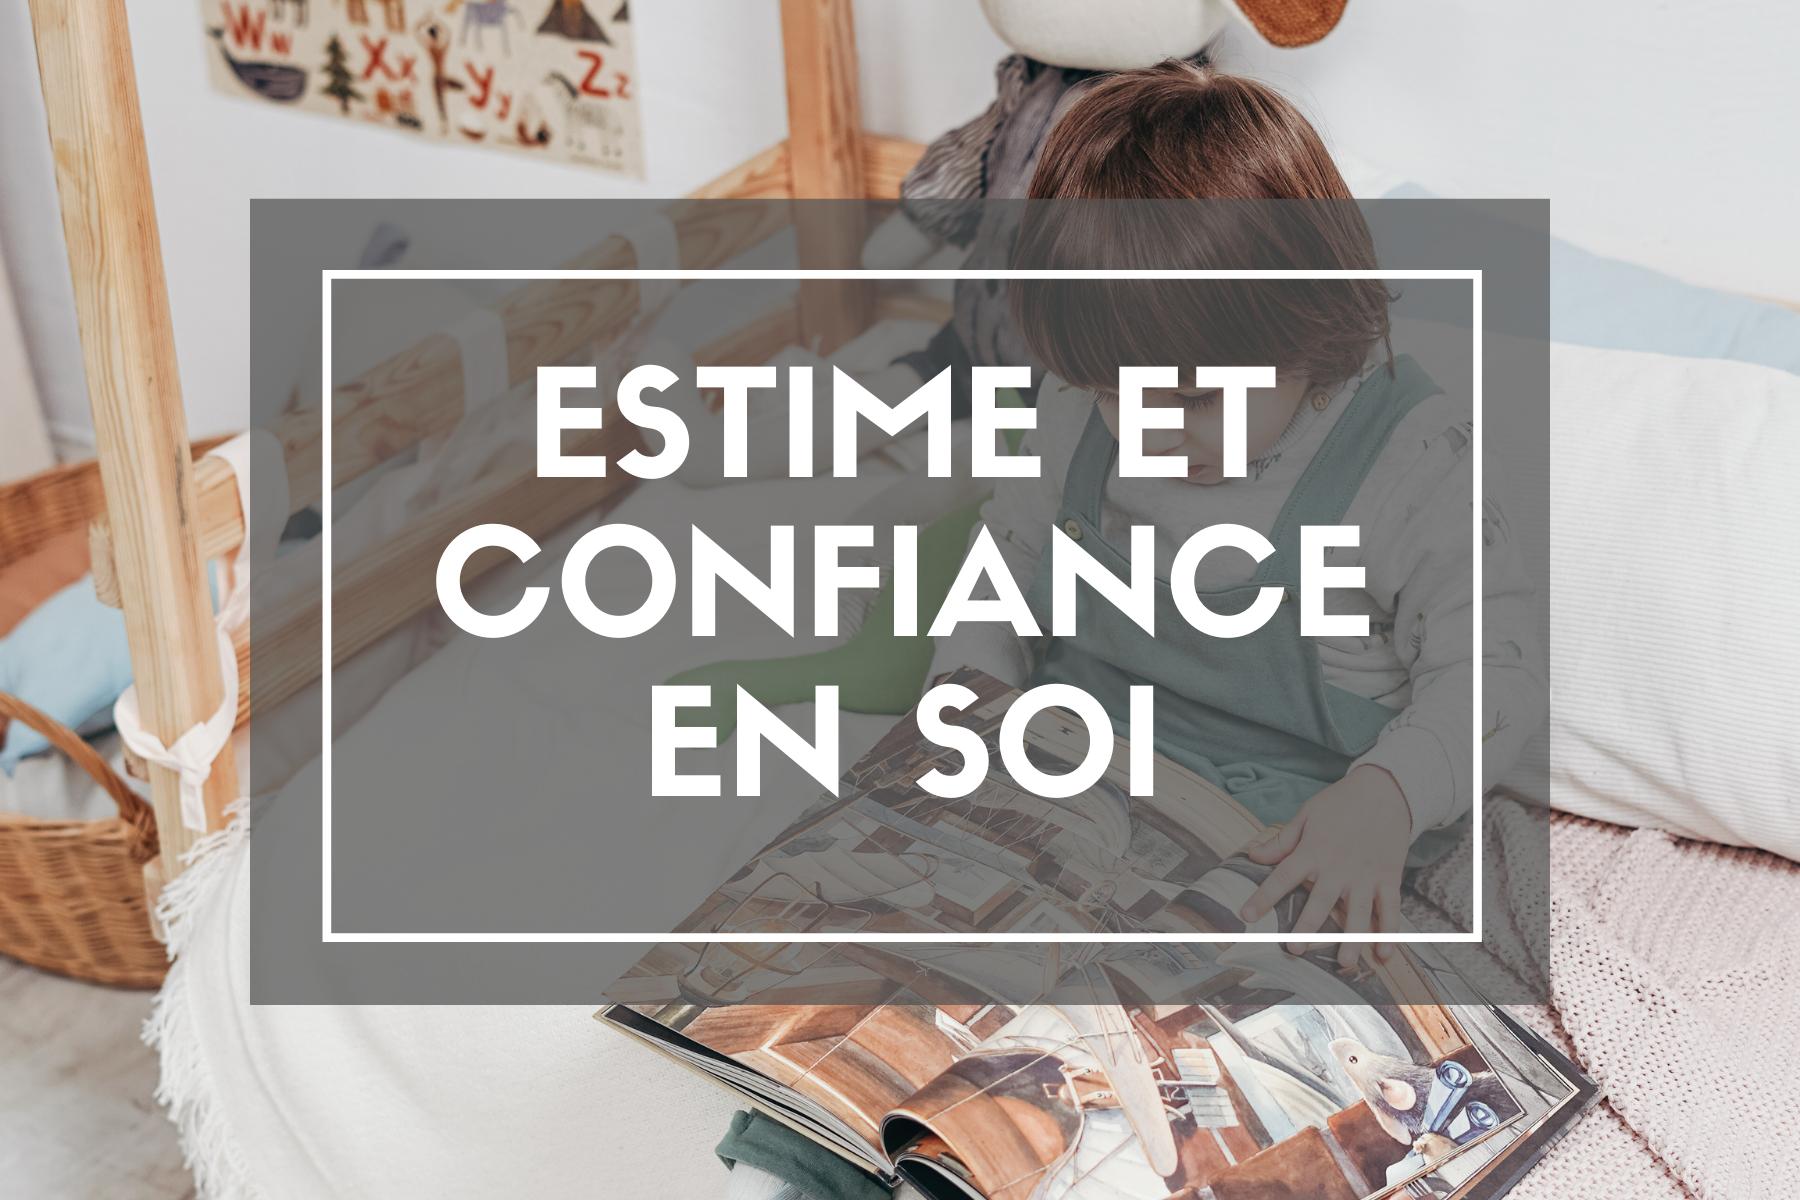 https://www.jeumeconstruis.fr/156-estime-et-confiance-en-soi